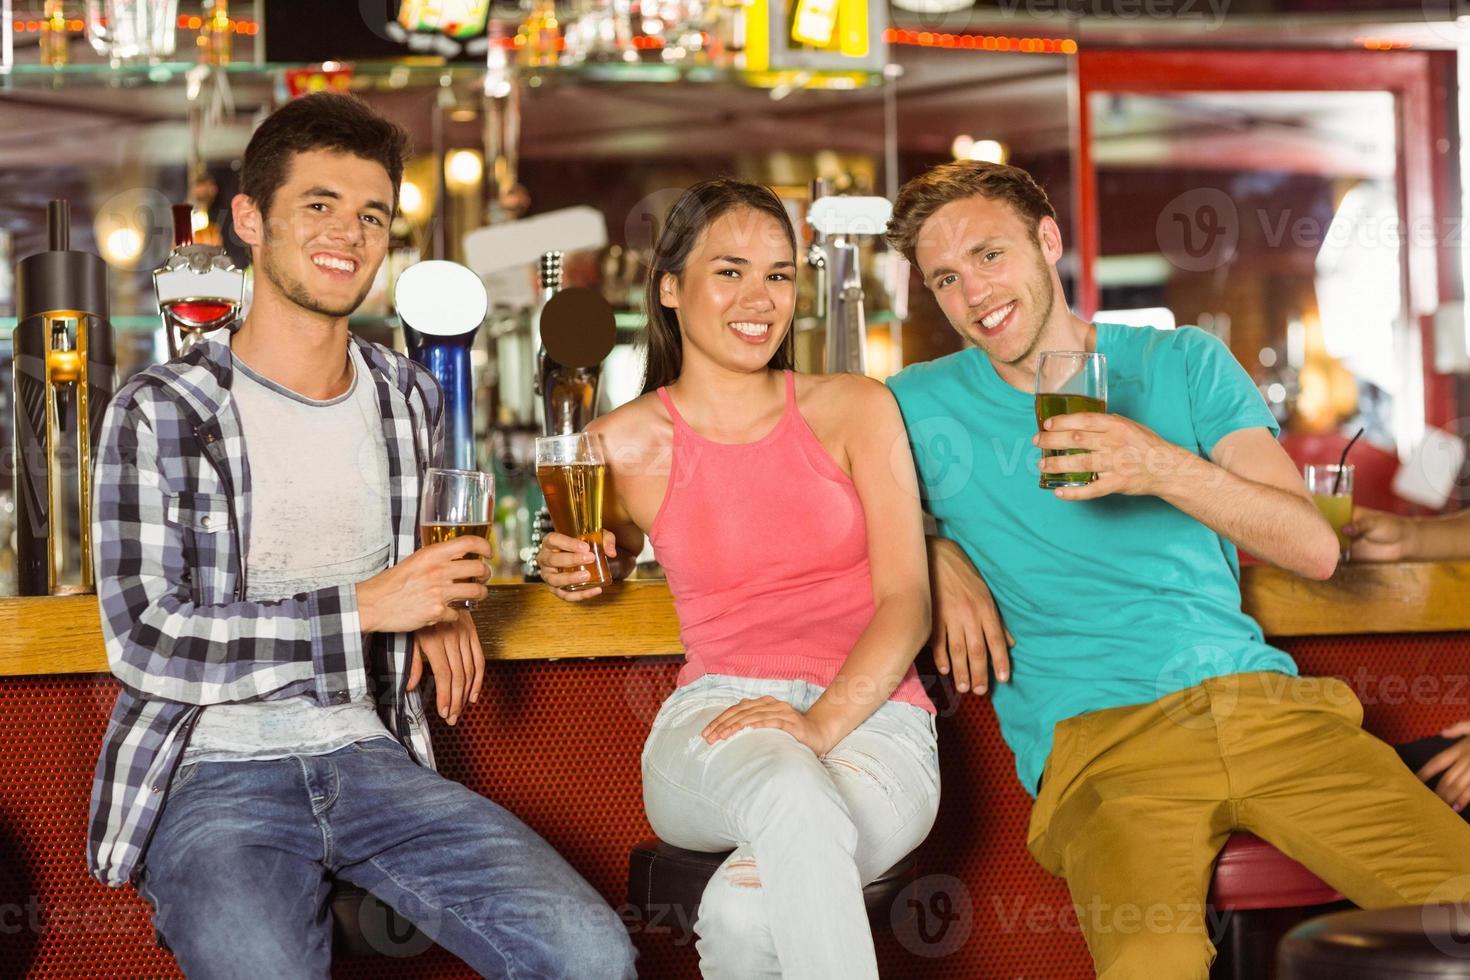 amigos sonrientes bebiendo cerveza juntos foto